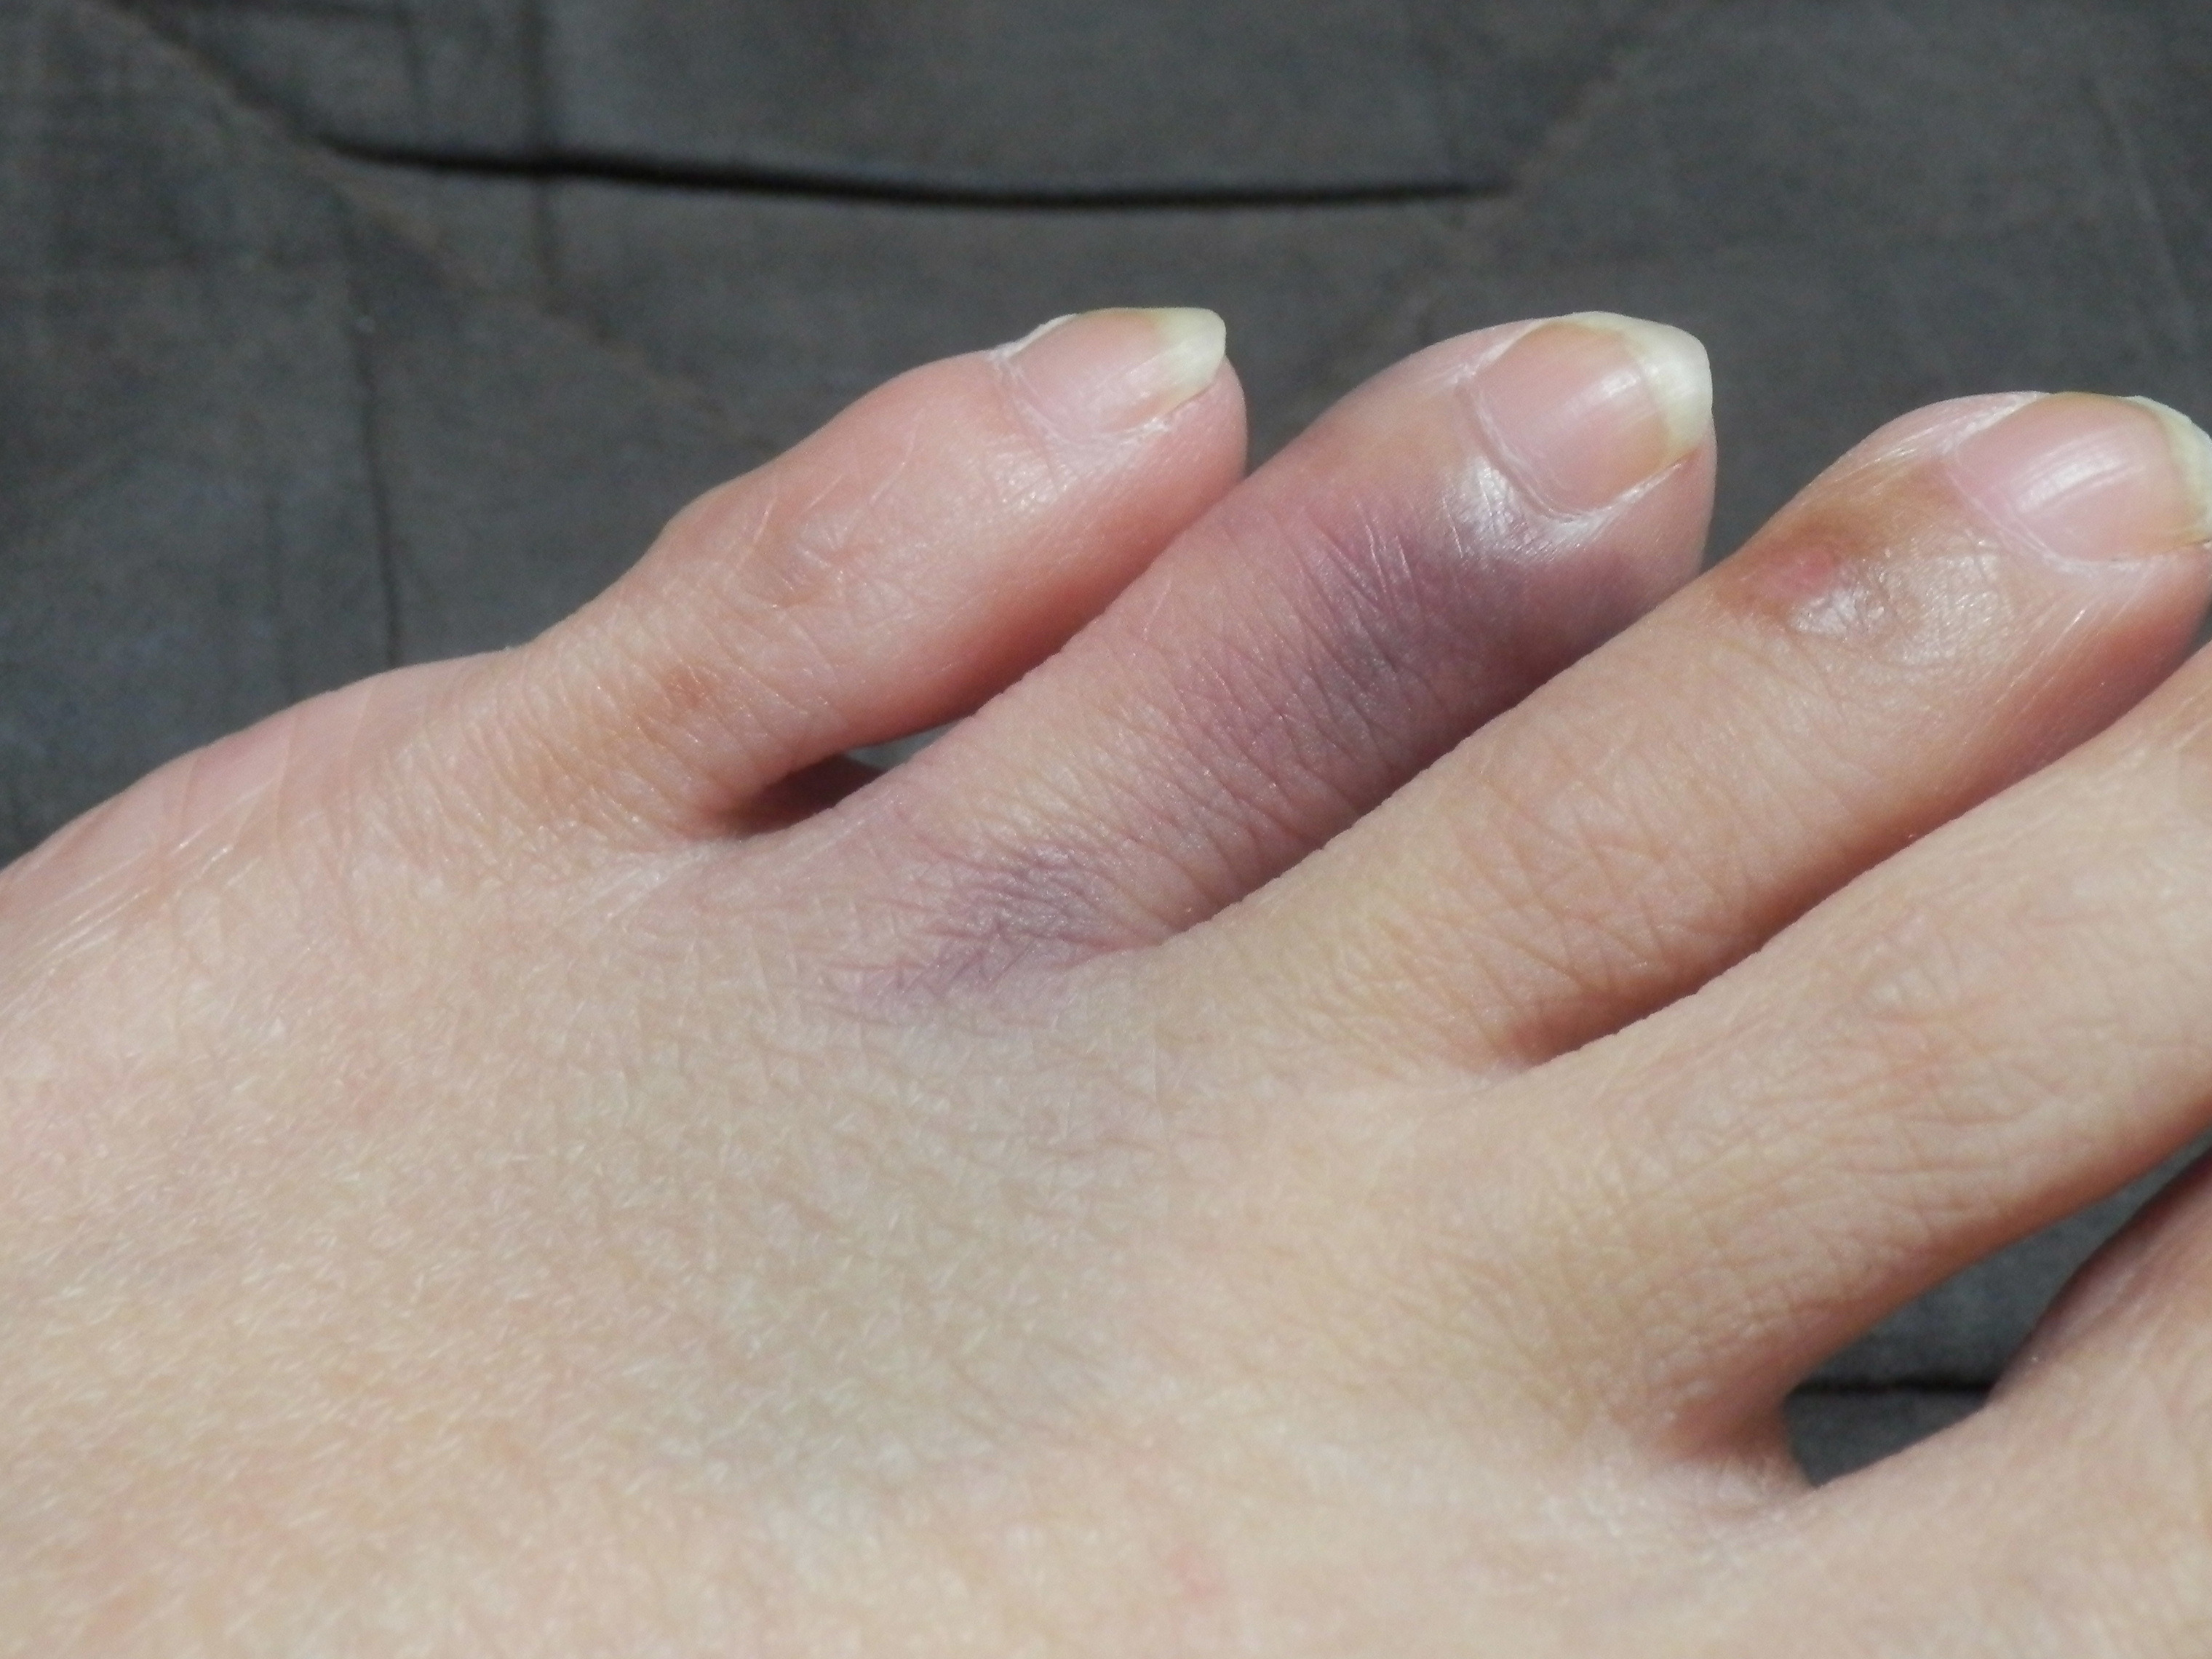 た ぶつけ 足 指 内出血 の